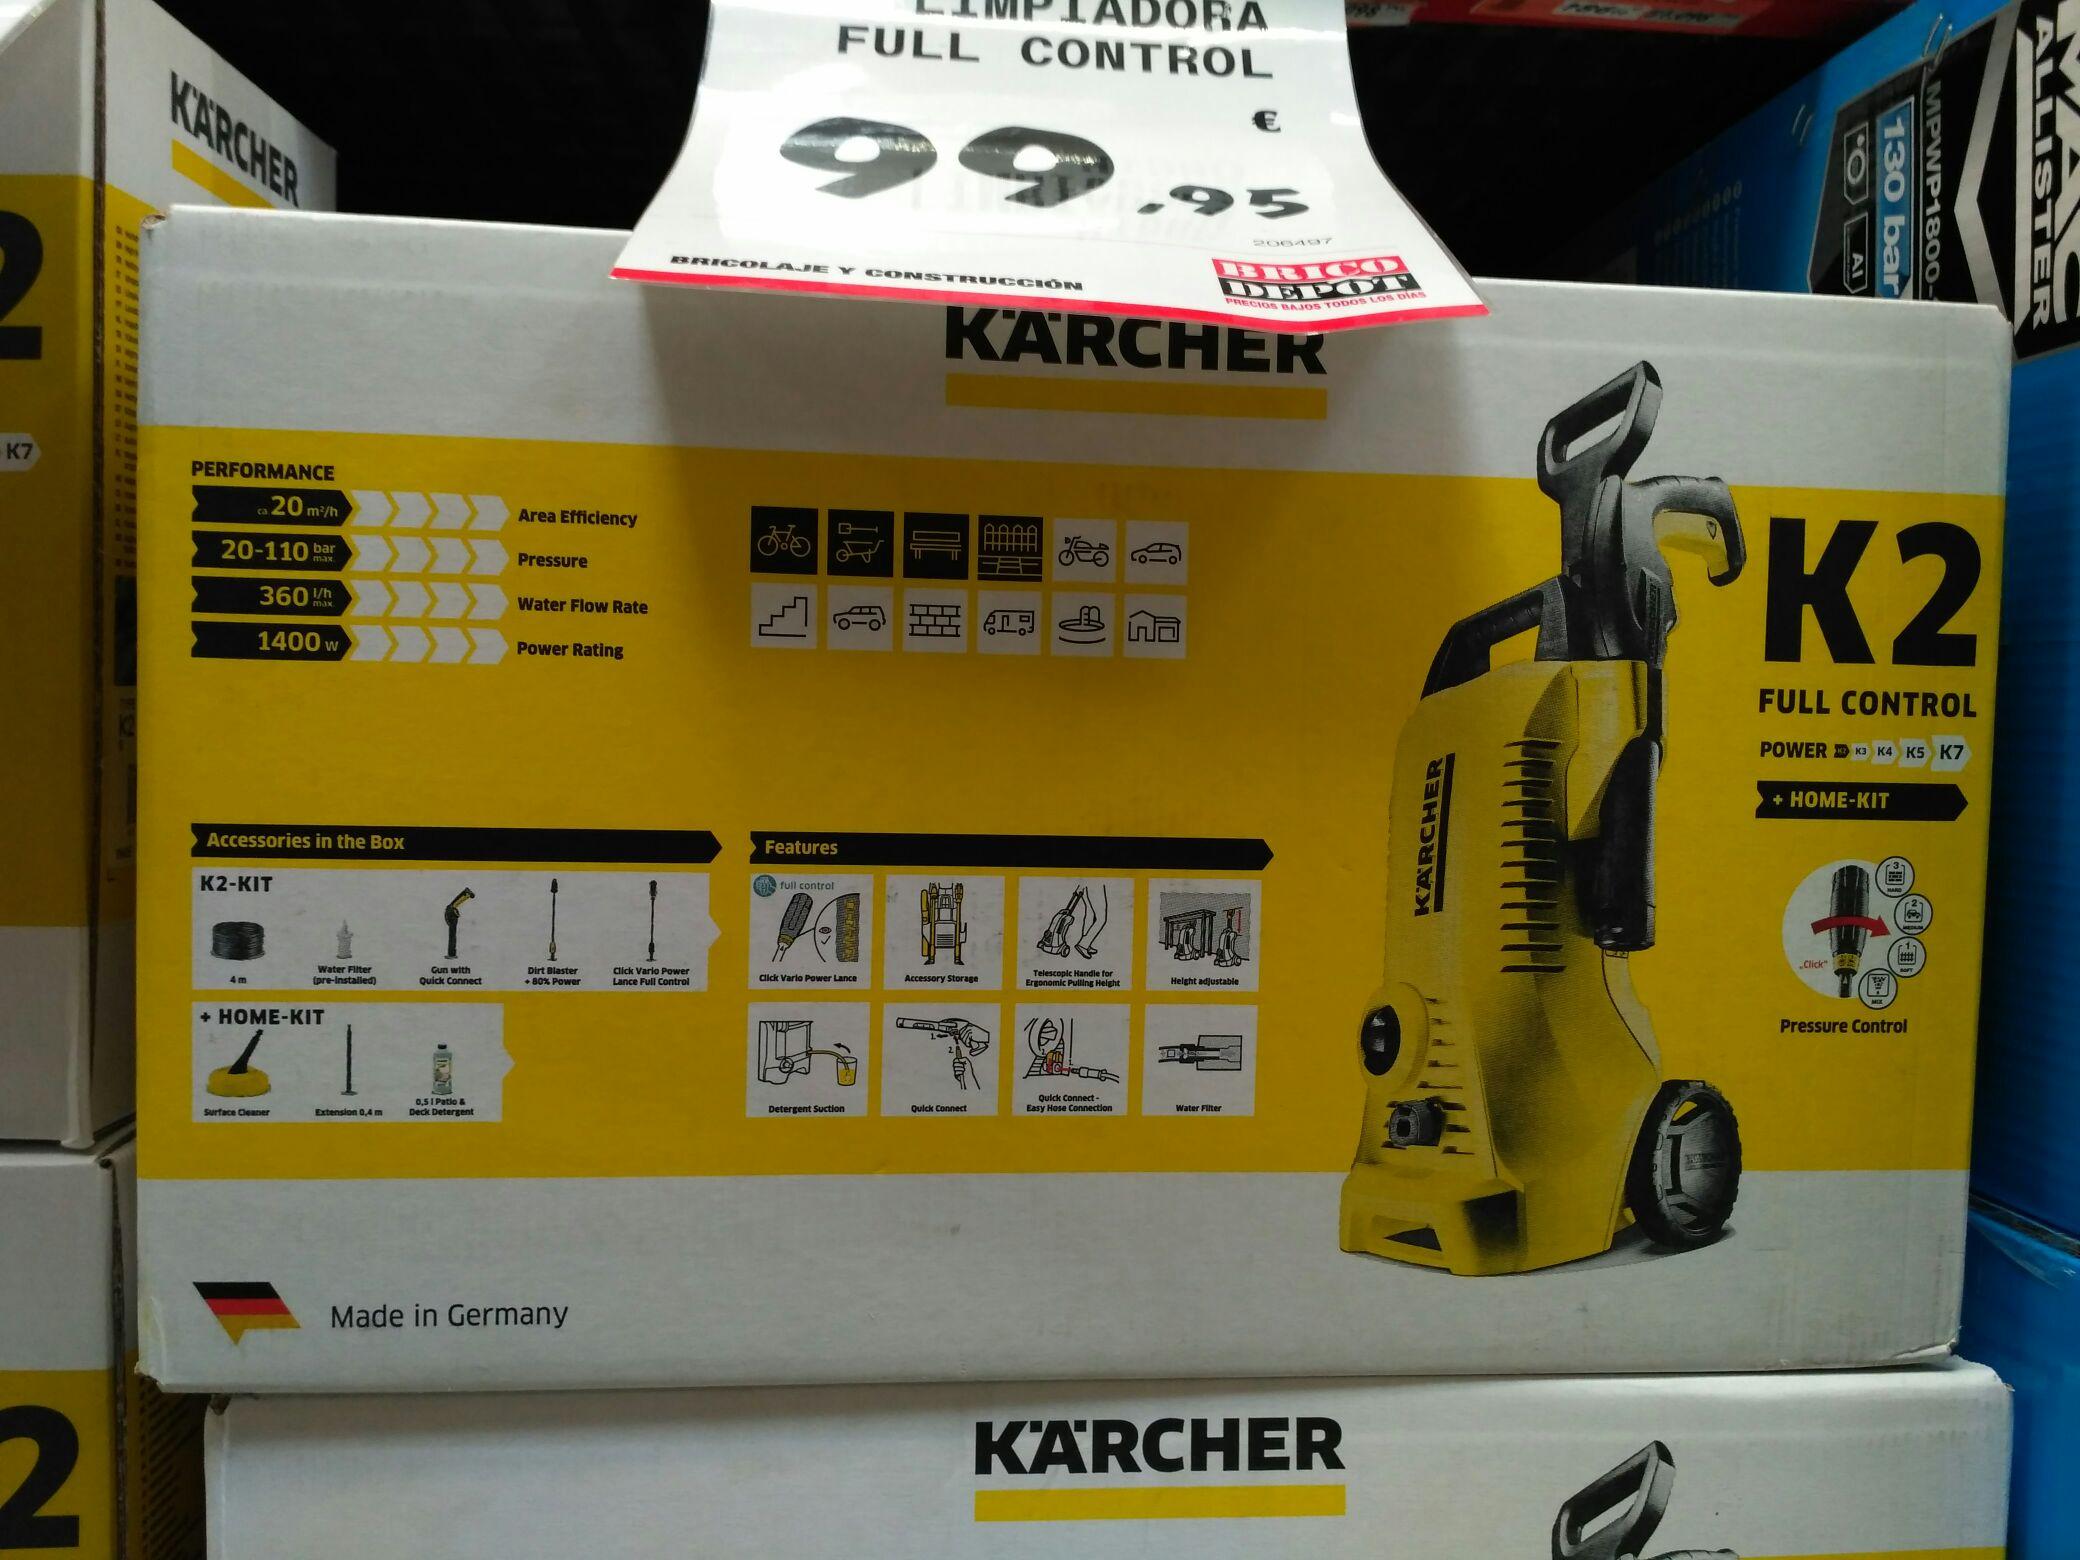 Kärcher K2 Full Control + home kit